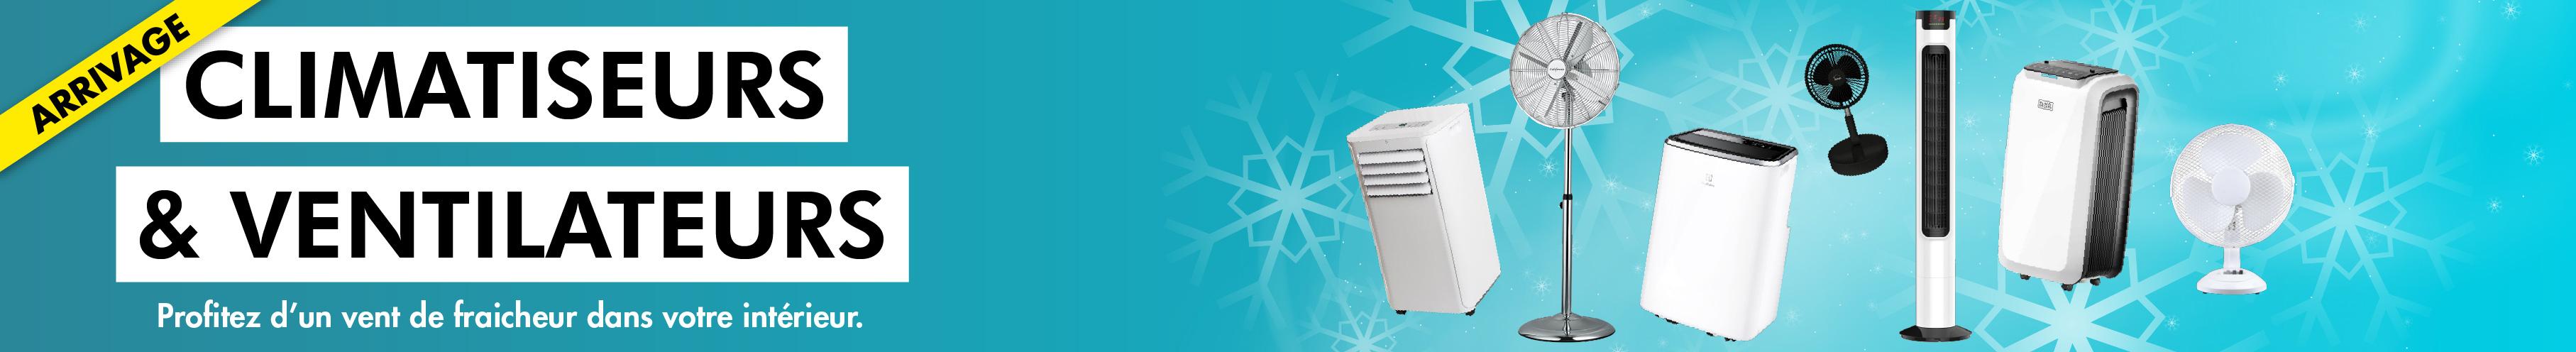 Climatiseurs et ventilateurs MDA